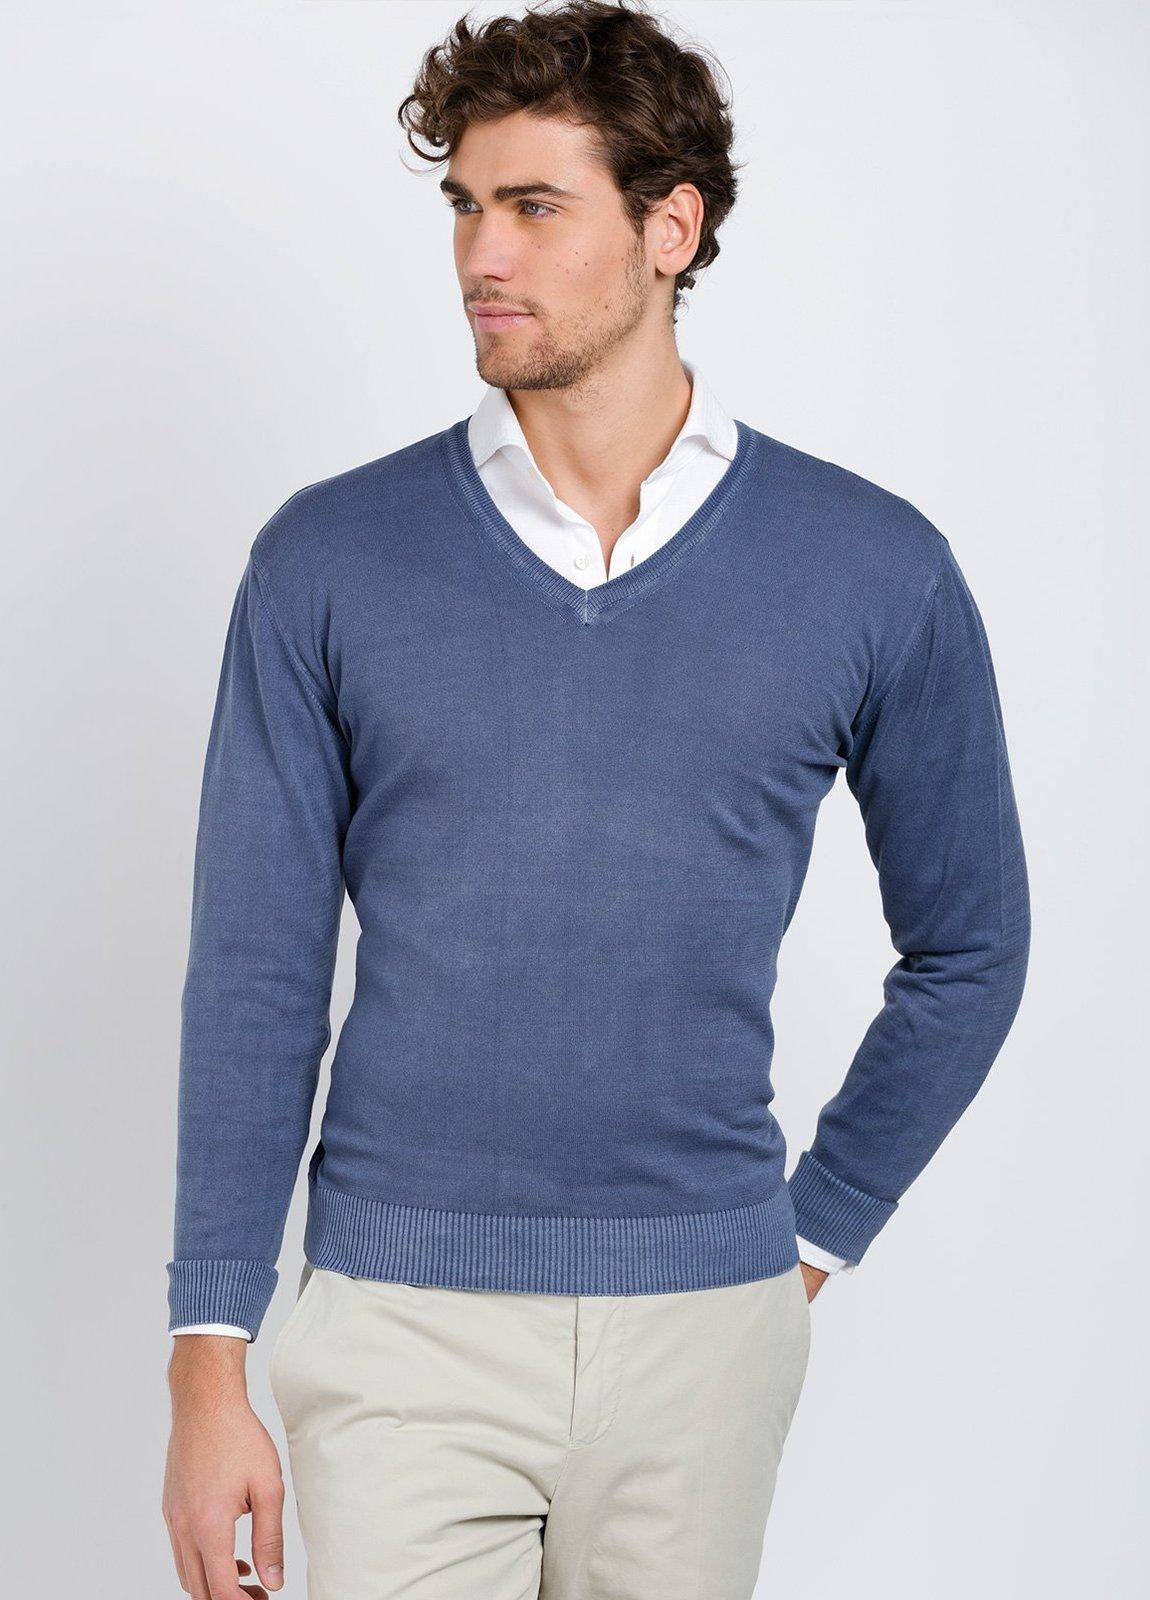 Jersey cuello pico color azul, 100% Algodón. - Ítem2